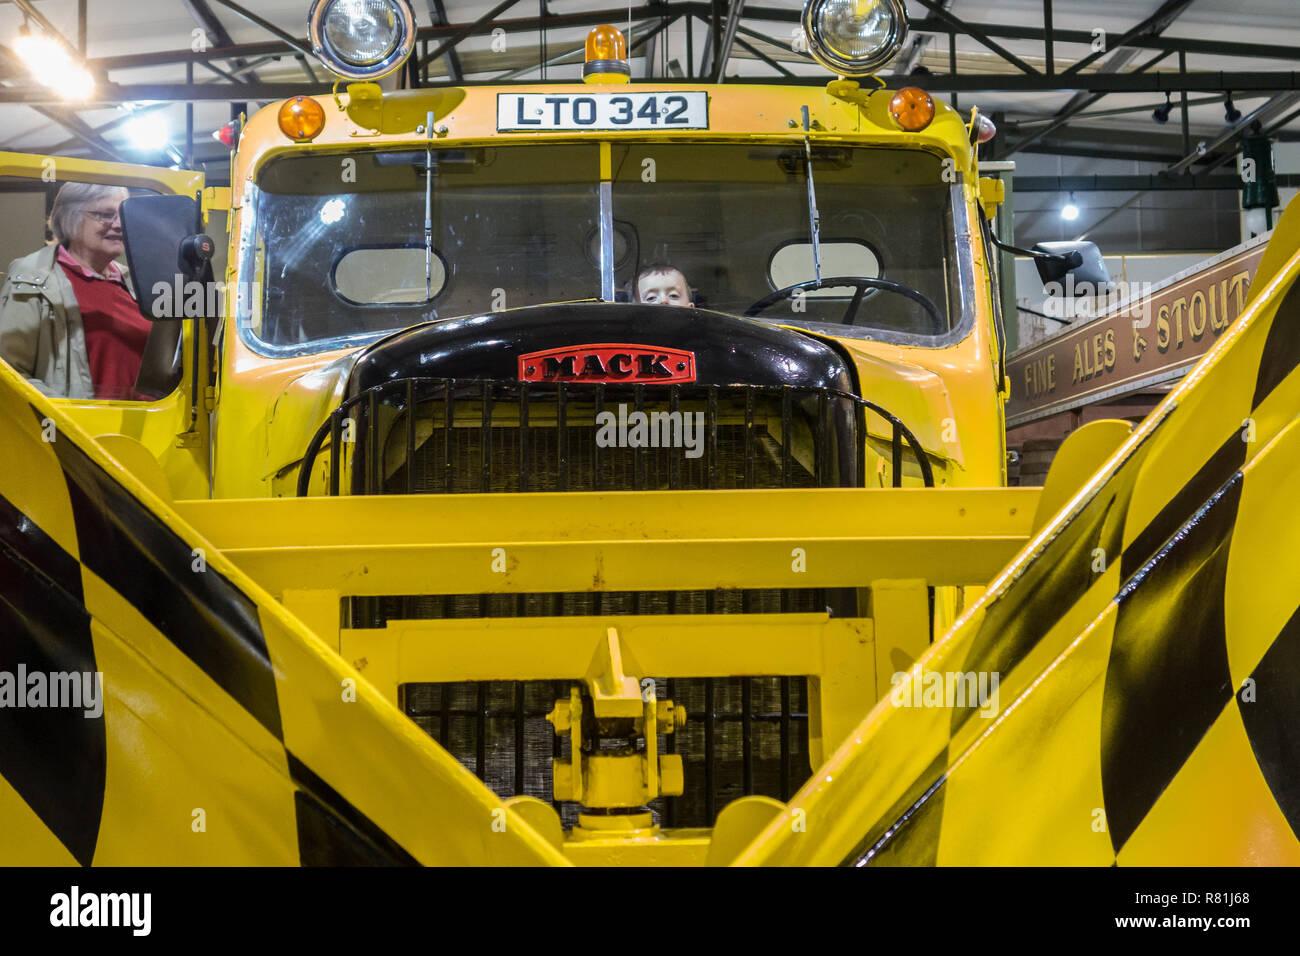 Mack Snowplough at Grampian transport Museum - Stock Image